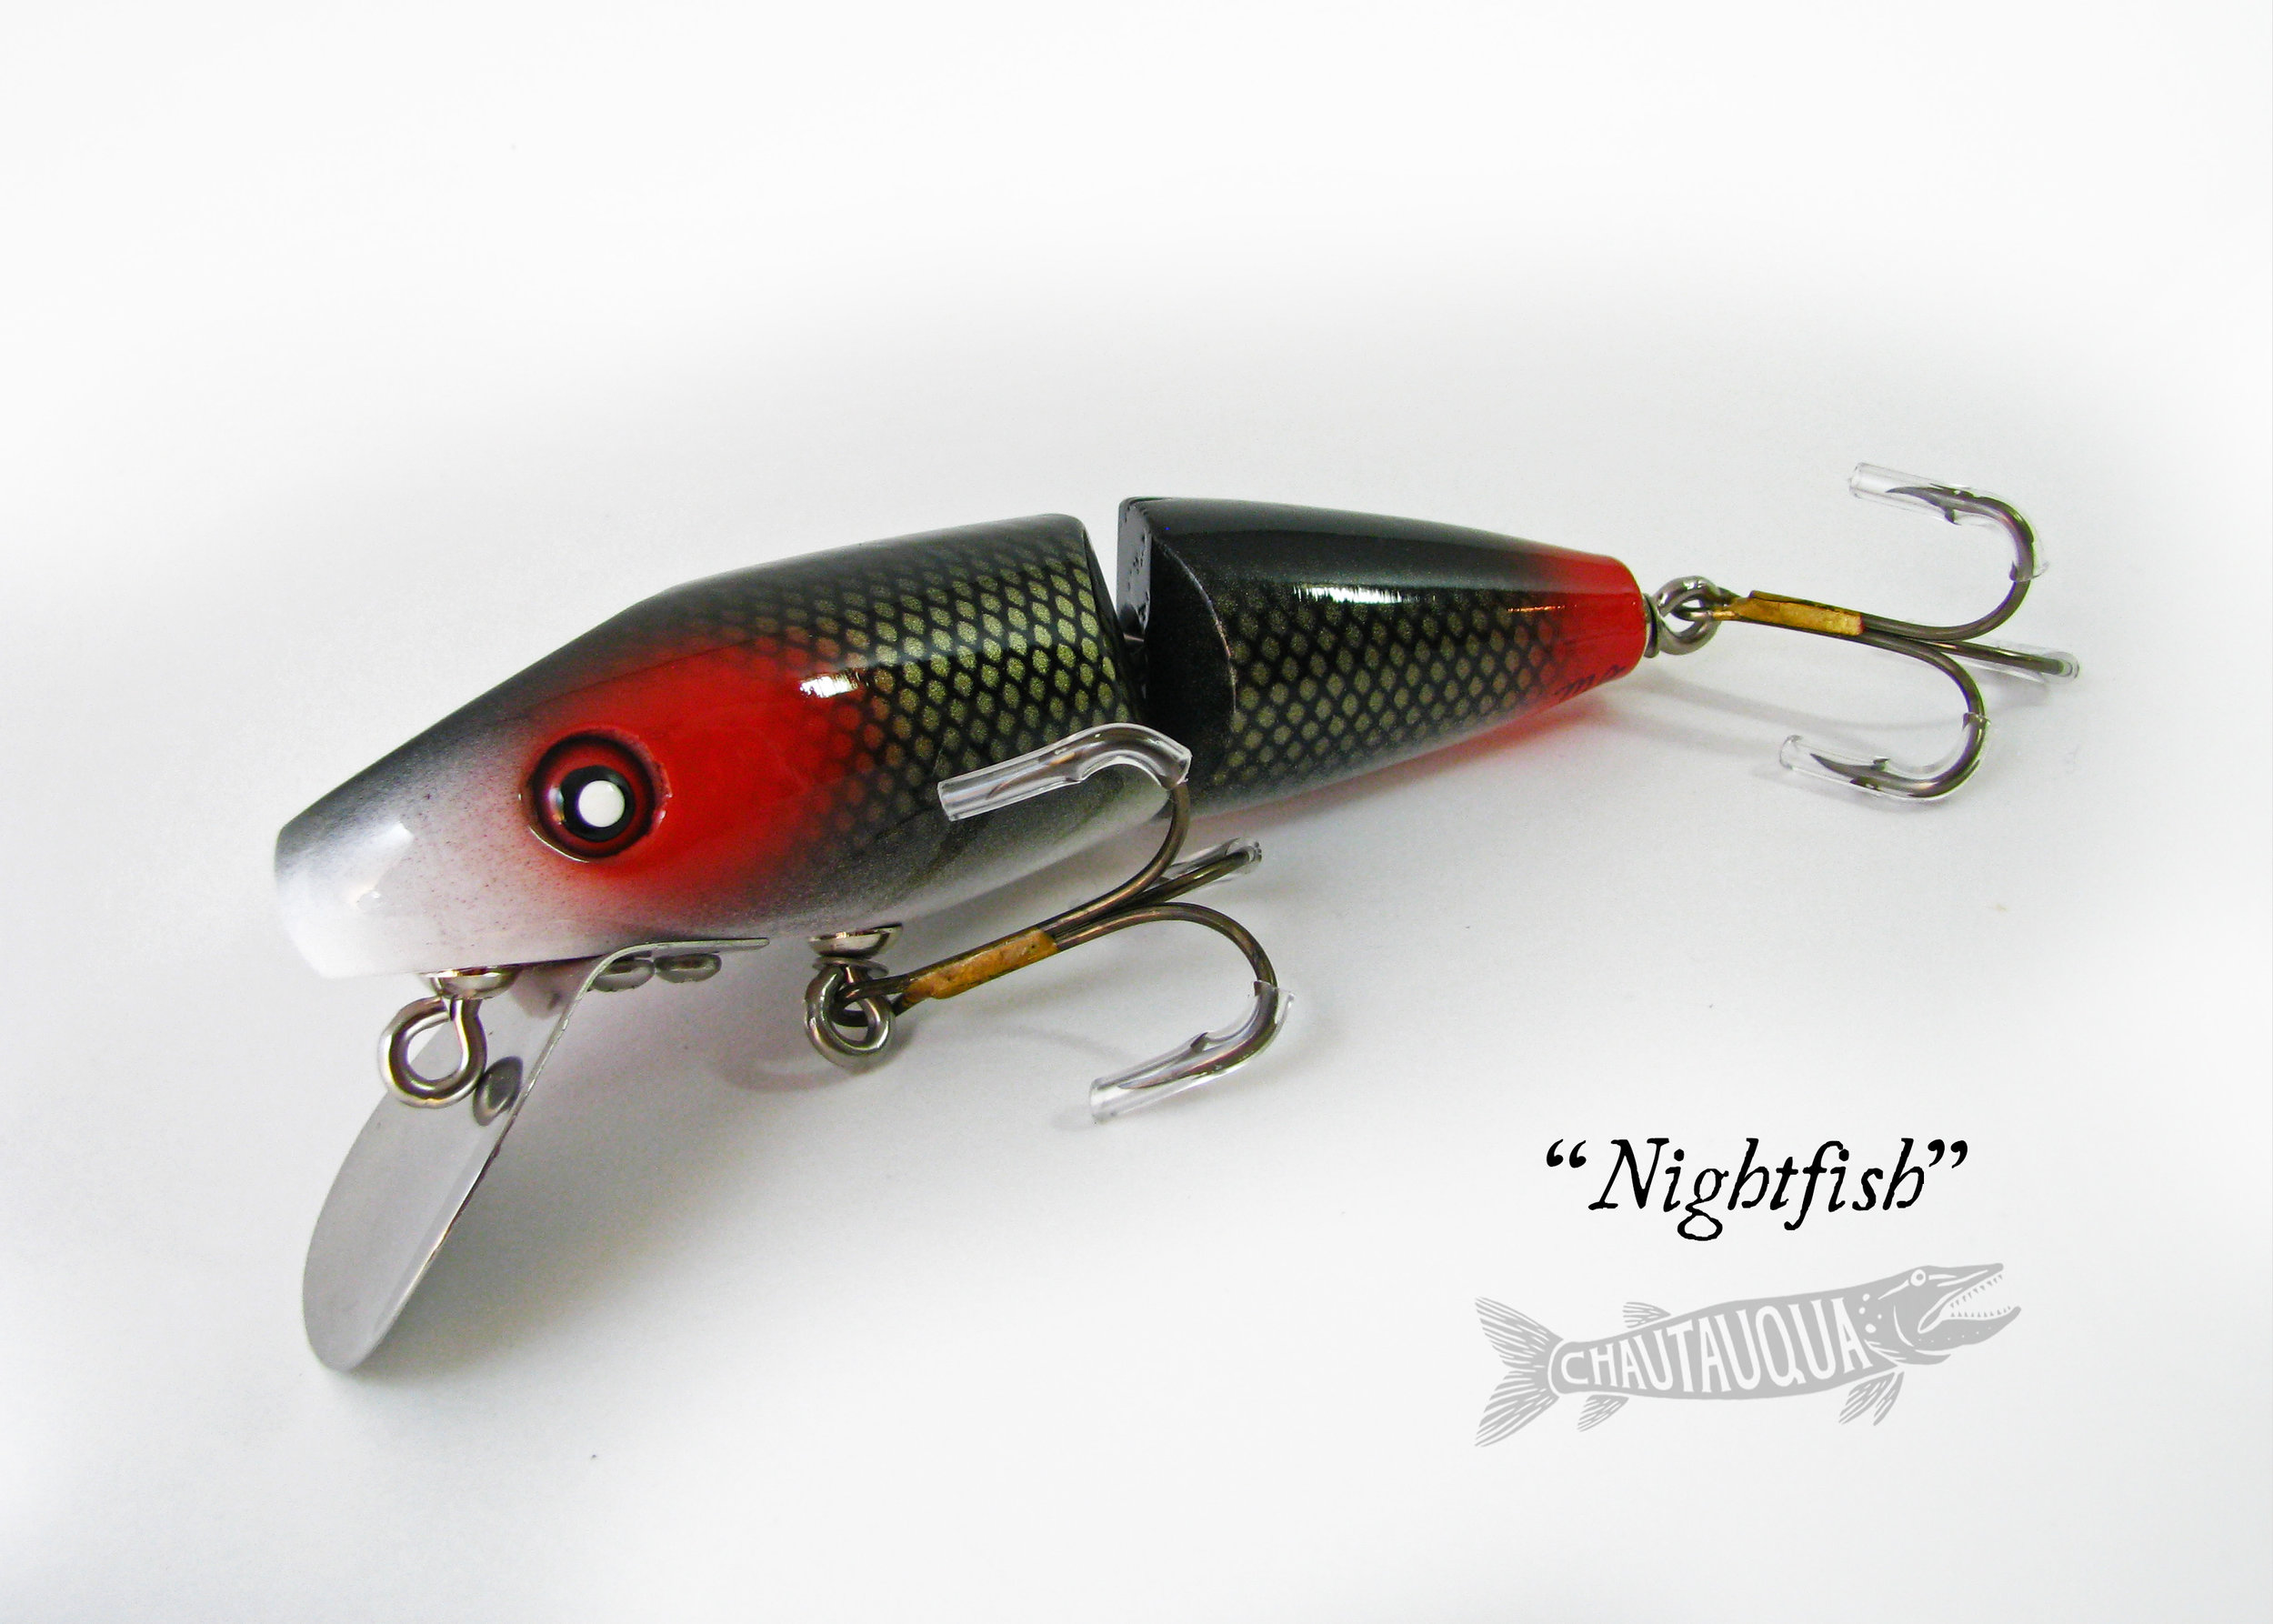 Nightfish_SS.jpg